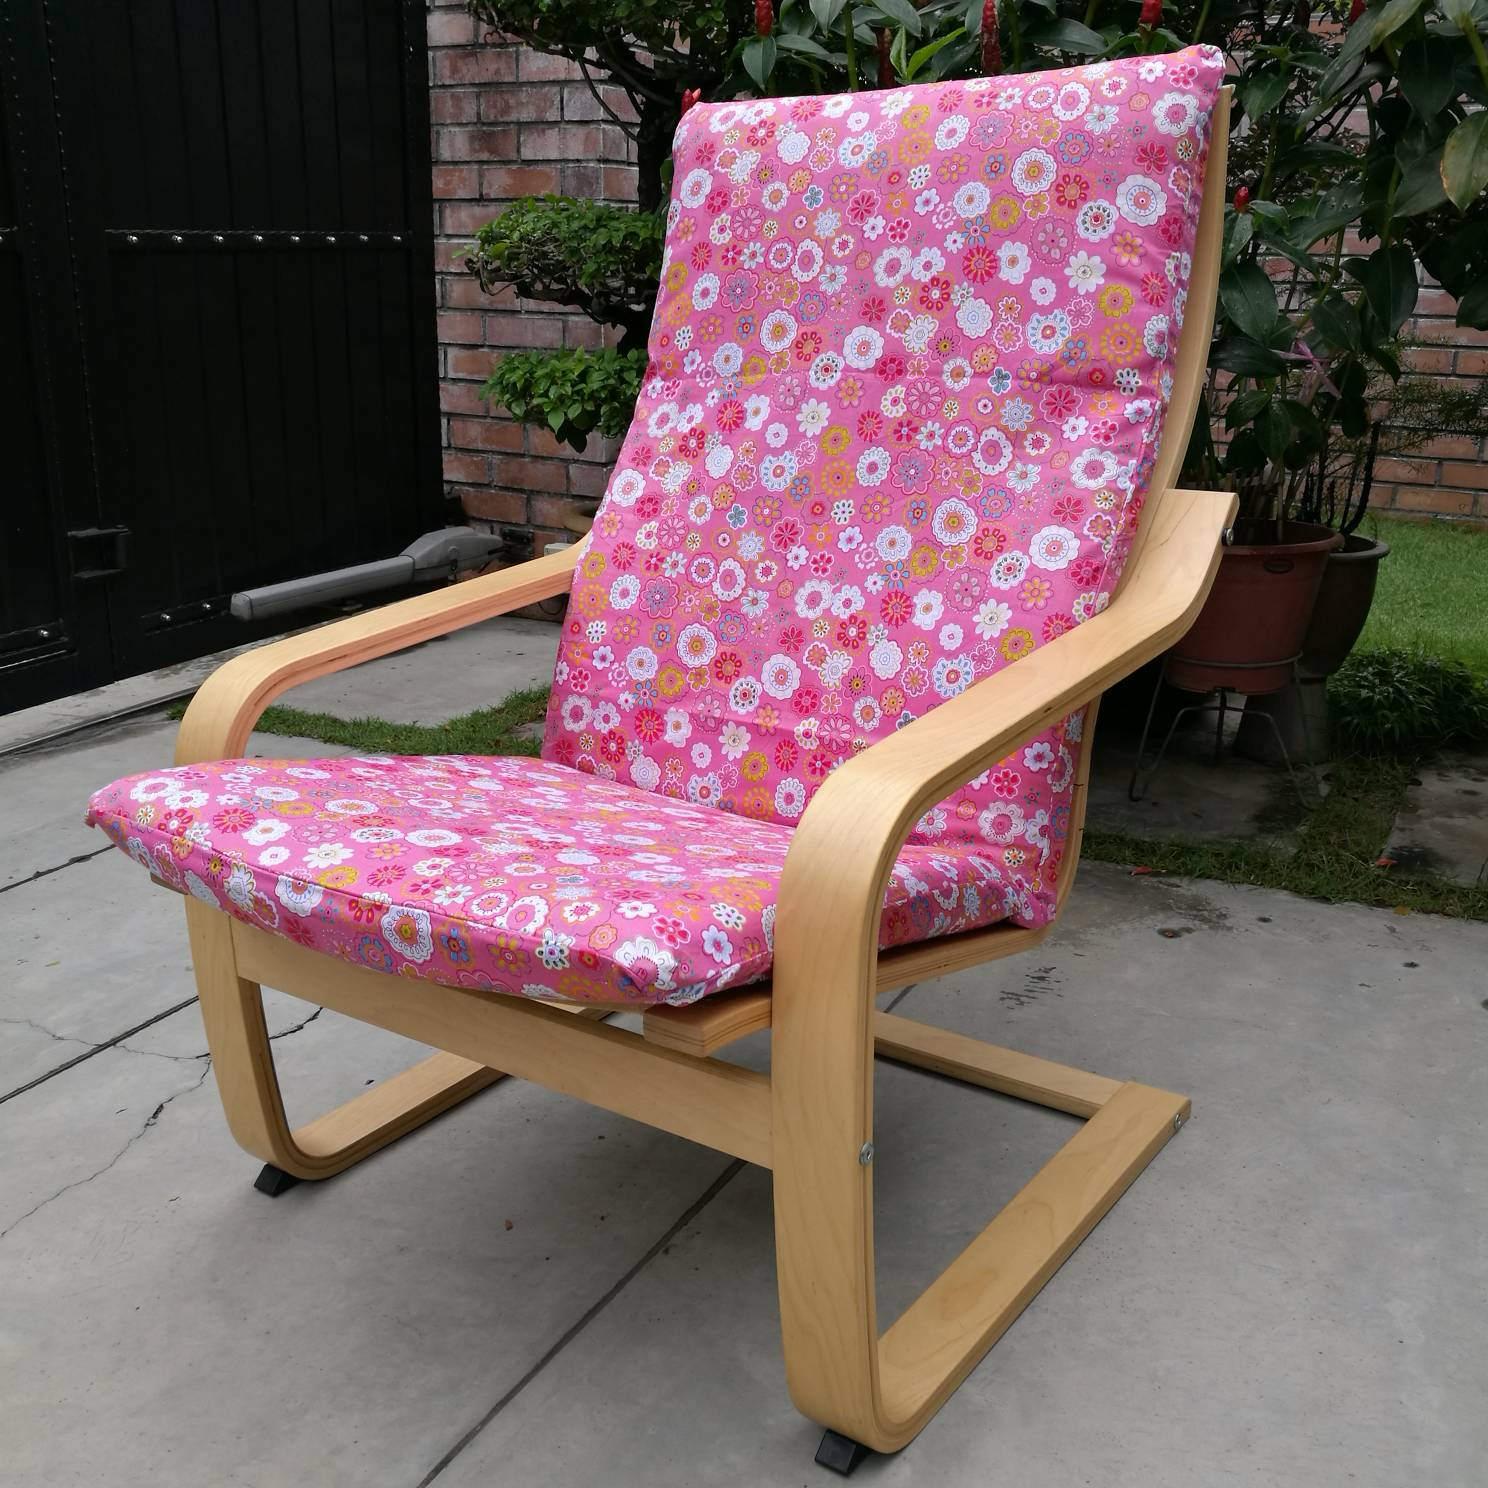 housse de coussin de chaise poang ikea marguerite rose etsy. Black Bedroom Furniture Sets. Home Design Ideas